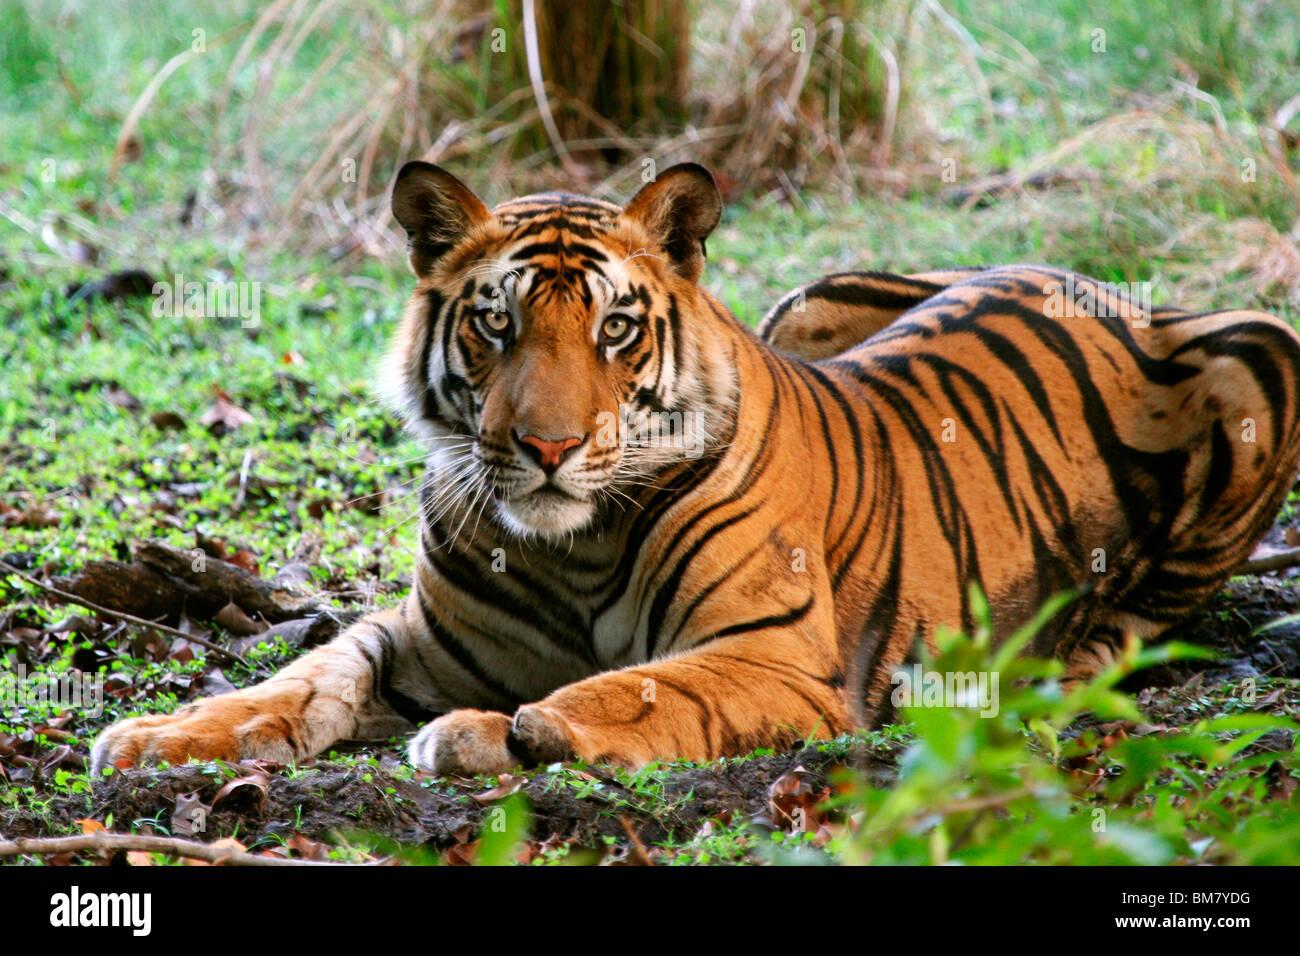 The Royal Bengal Tiger (Panthera tigris tigris), Bandhavgarh National Park, Madhya Pradesh, India, Asia - Stock Image